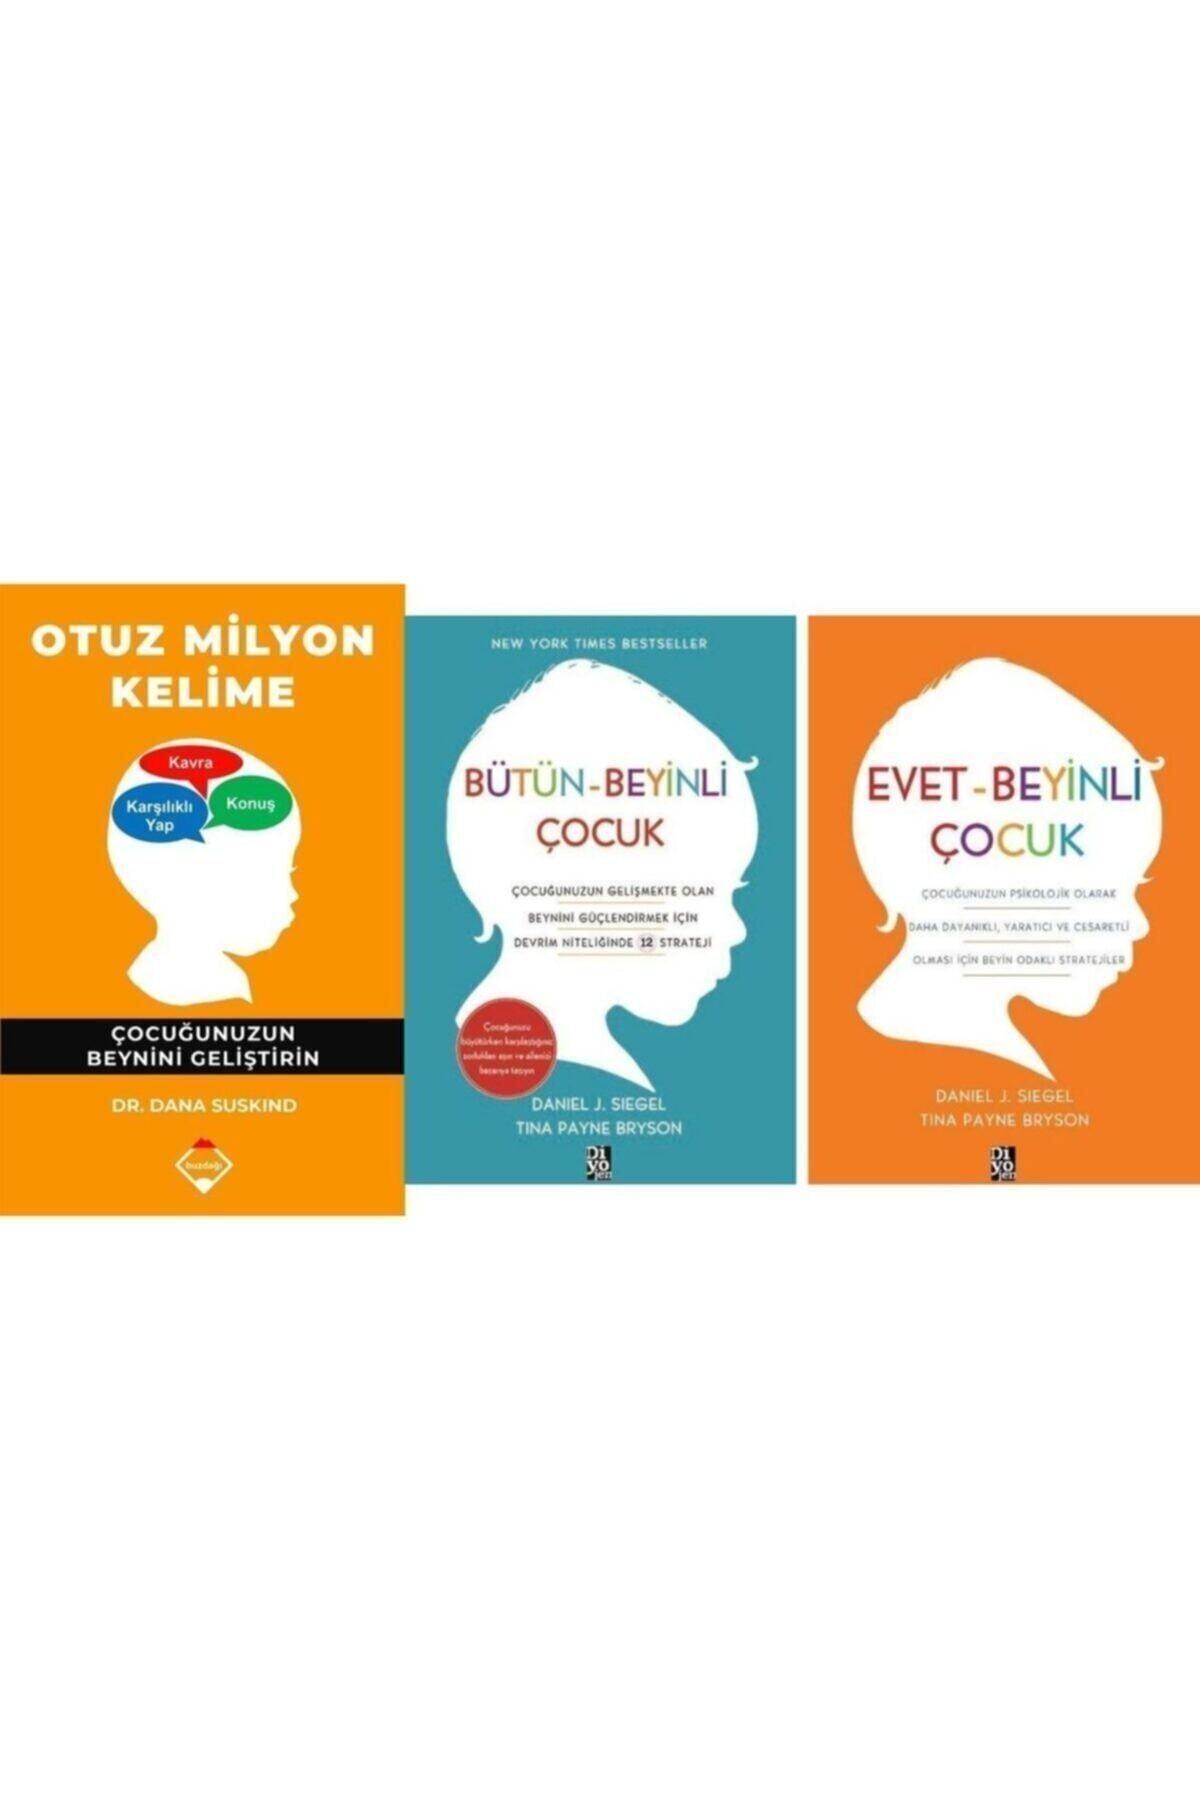 Buzdağı Yayınevi Otuz Milyon Kelime / Evet - Beyinli Çocuk / Bütün-beyinli Çocuk 3 Kitap Set 1